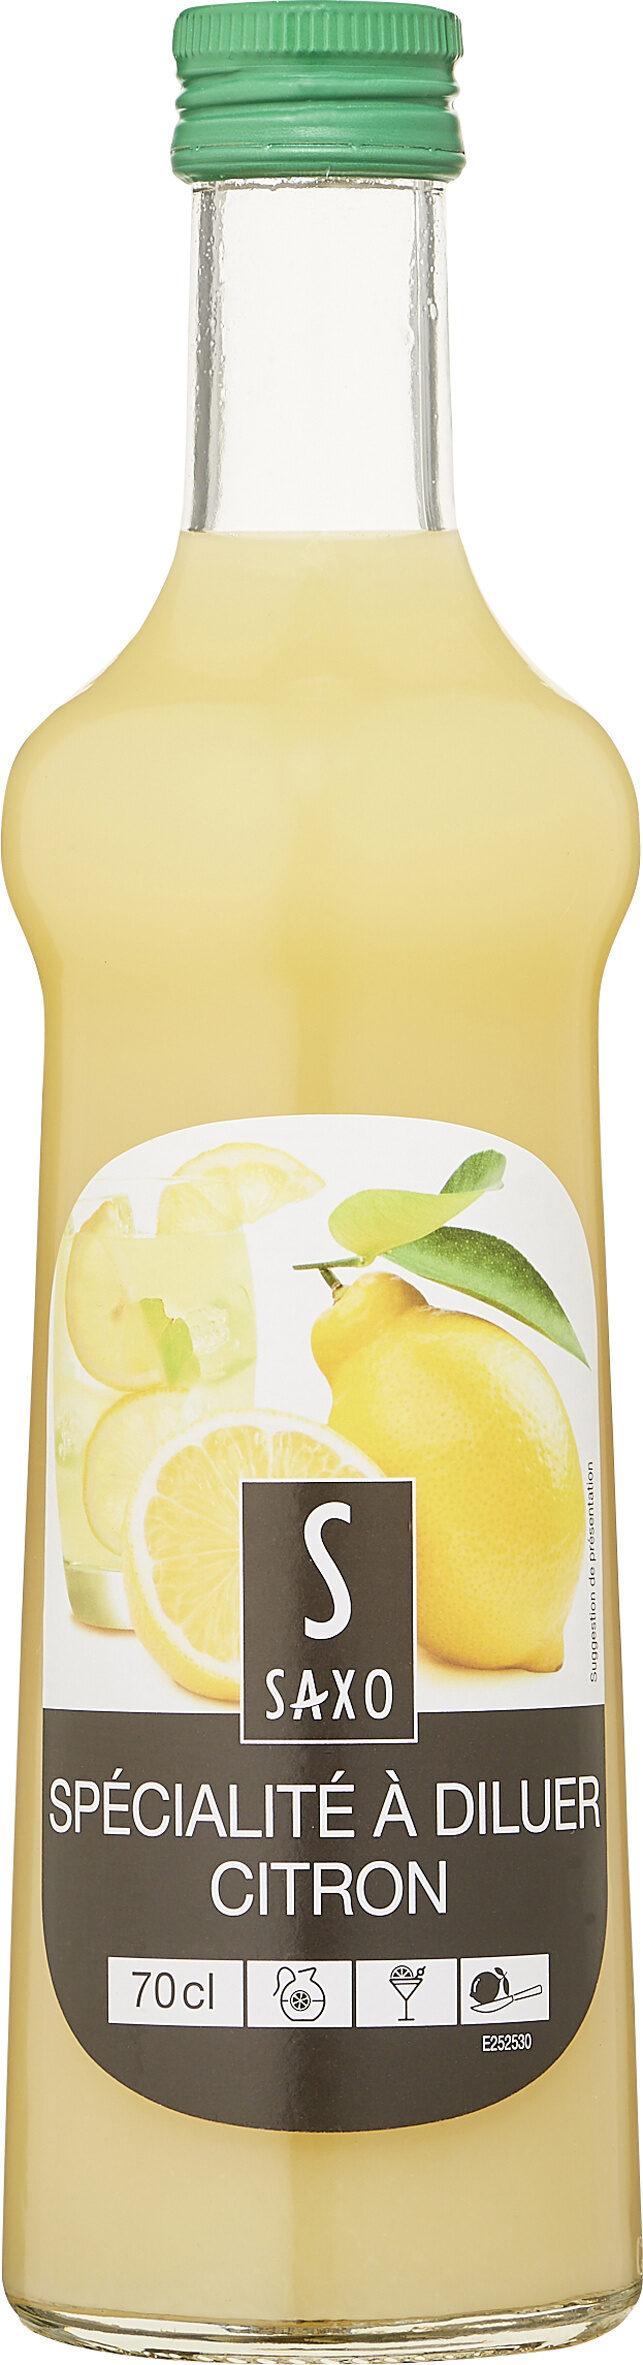 Spécialité à diluer Citron - Produit - fr